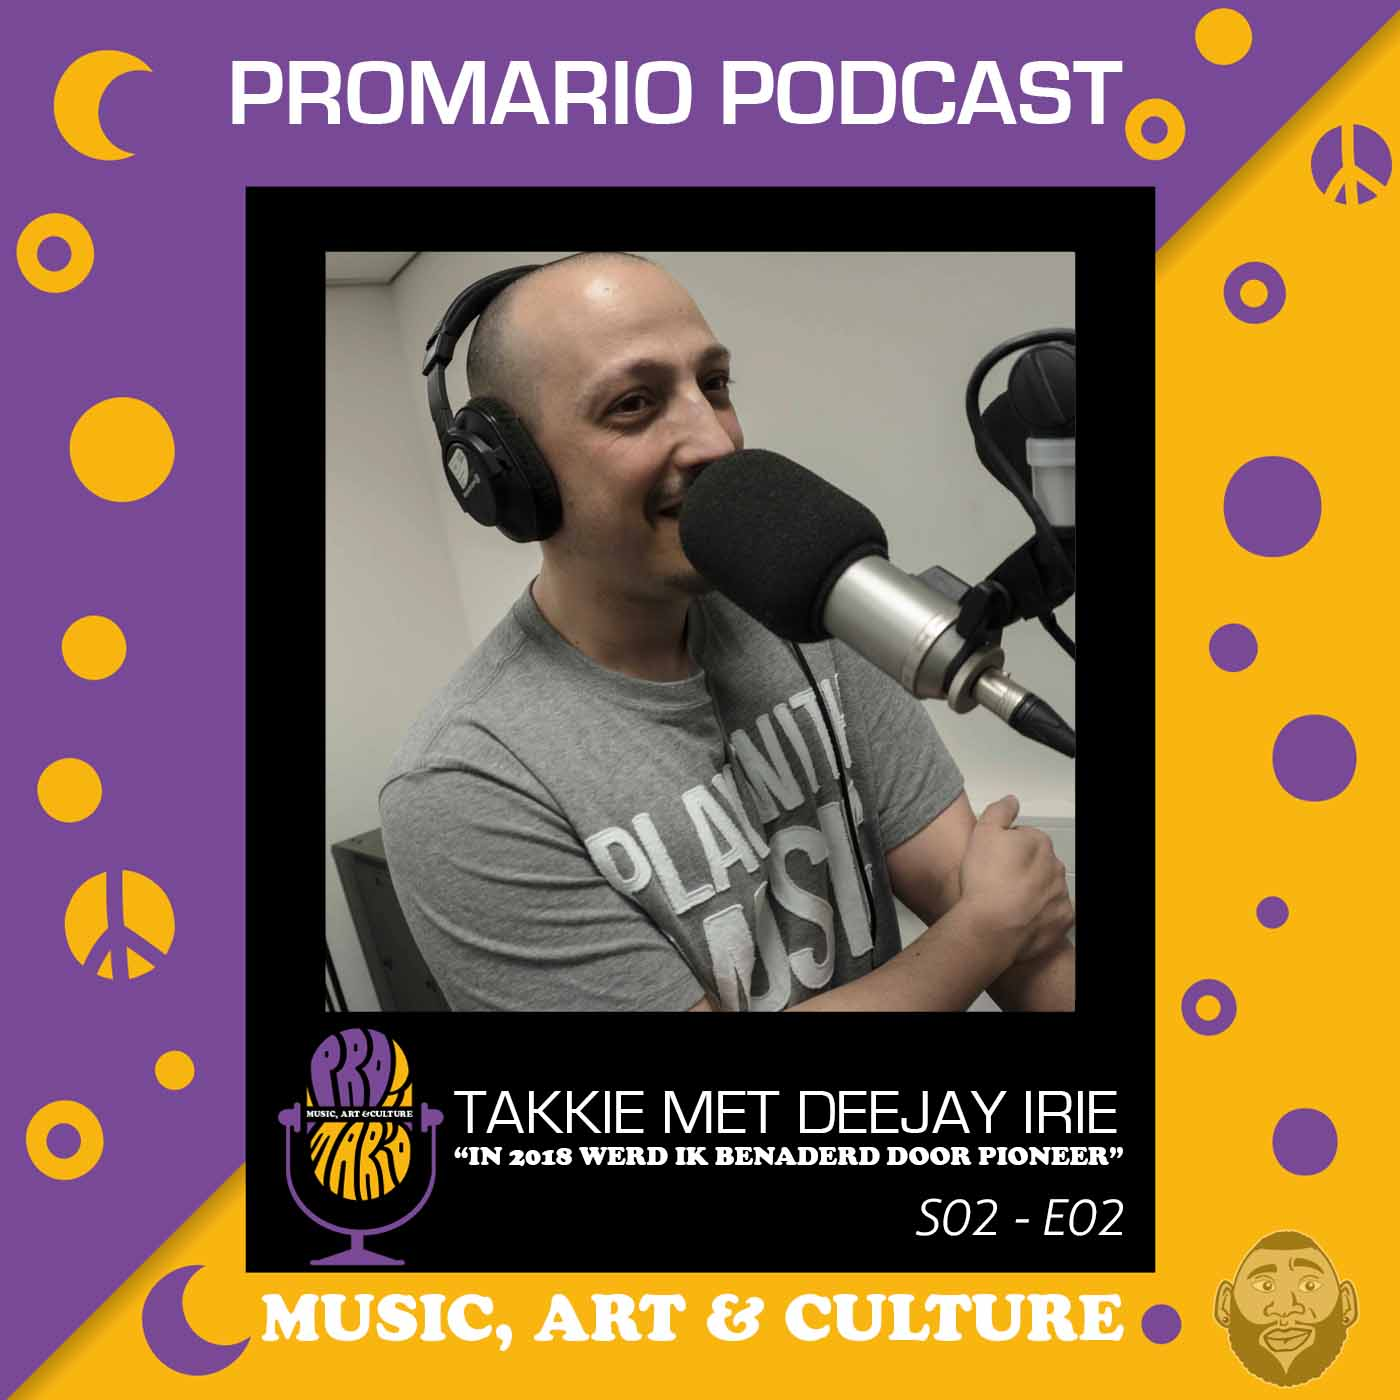 """(AUDIO)PROMARIO PODCAST S02 E02 – MET DEEJAY IRIE """"PIONEERS HEEFT MIJ IN 2018 BENADERD"""""""